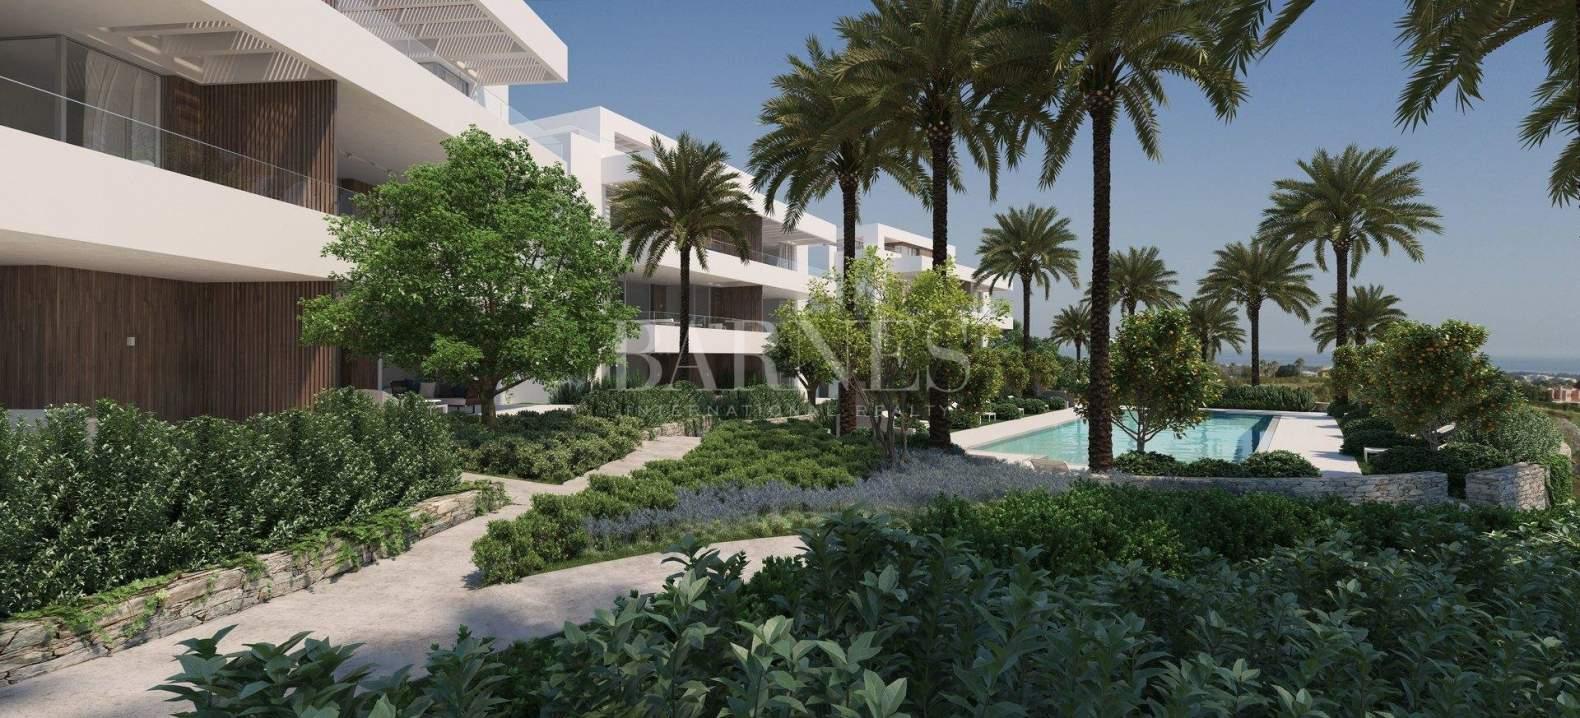 Benahavís  - Apartment  - picture 2